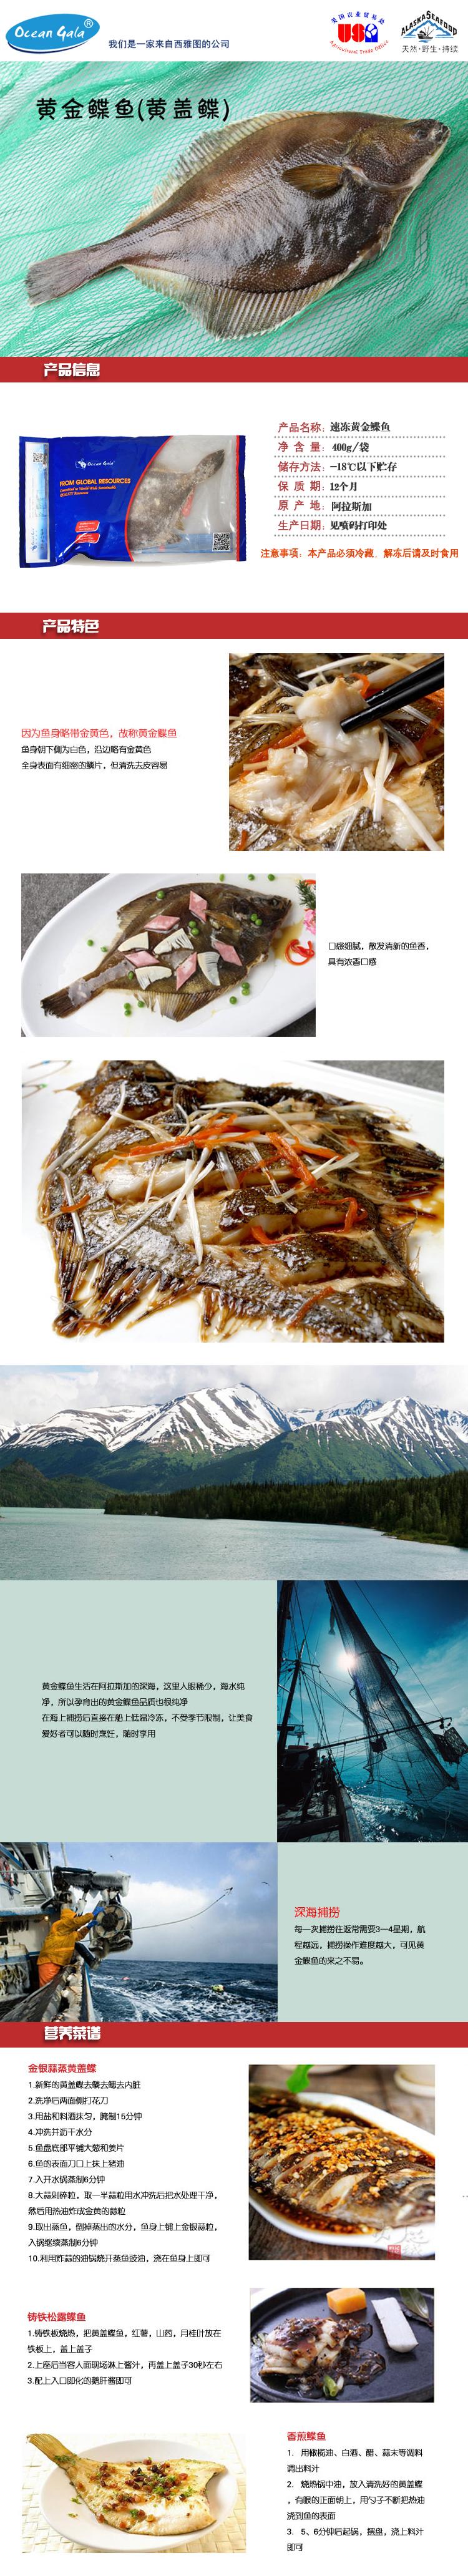 海鲜盛宴 (ocean gala)阿拉斯加速冻黄金鲽鱼(生制)400g*5包家庭装